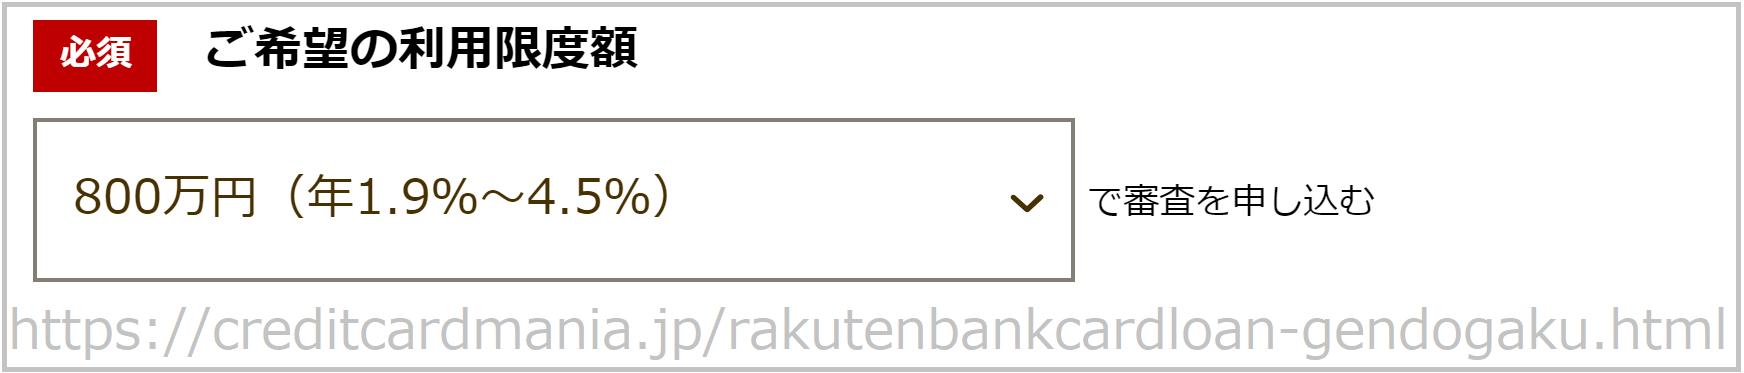 楽天銀行カードローン申し込み時の希望限度額の選択肢